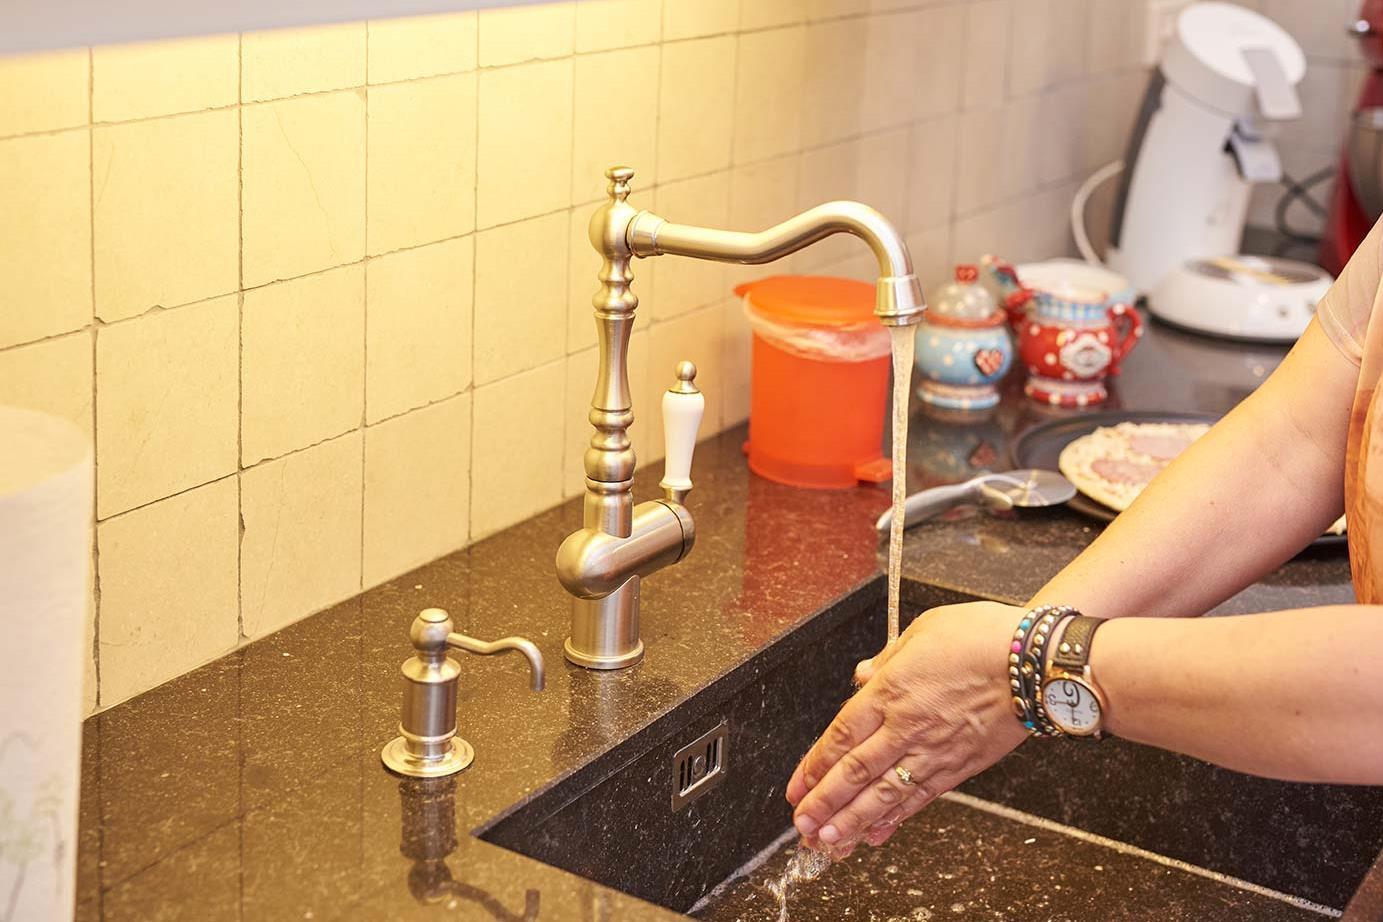 Hoogte Werkblad Badkamer : Standaard hoogte en diepte van aanrechtblad en keukenkast db keukens